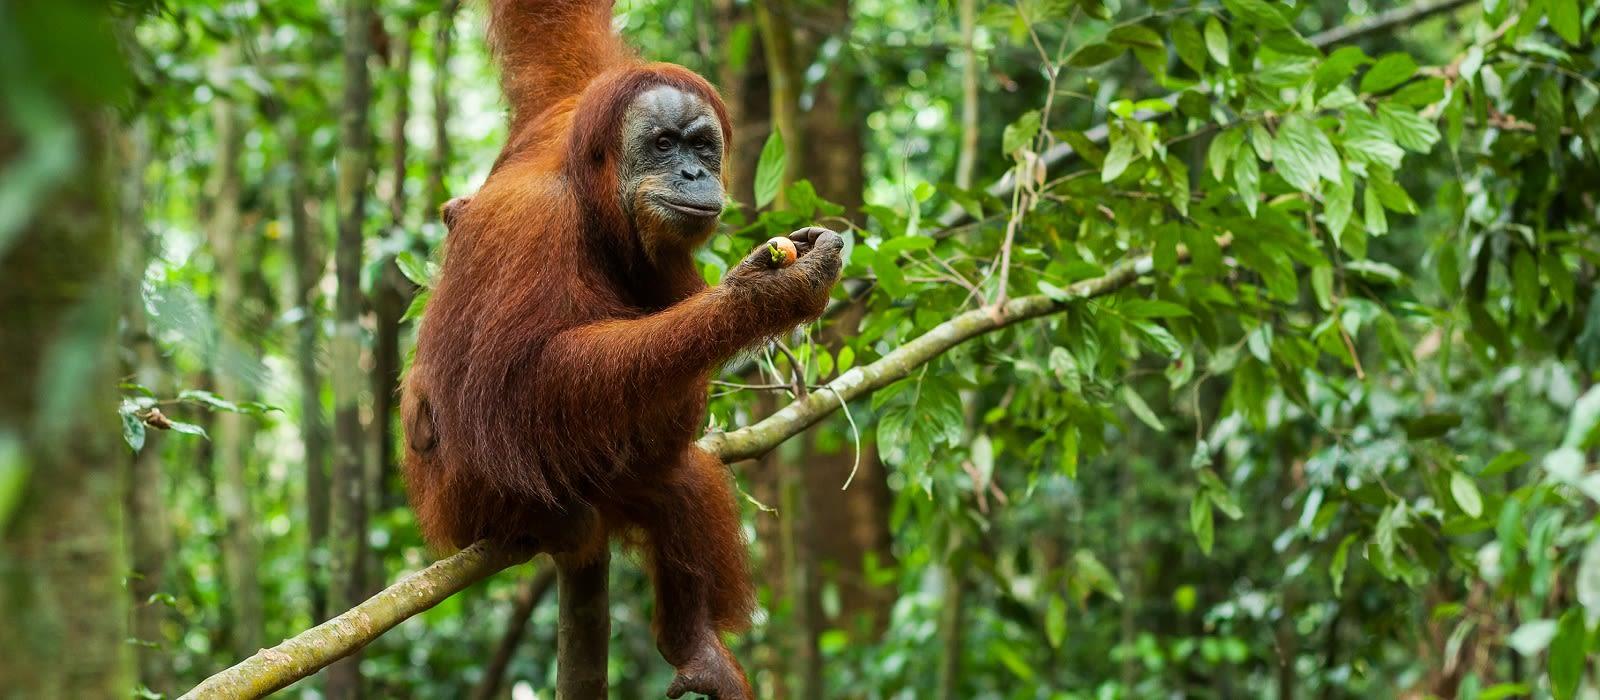 Die Highlights von Sulawesi und Sumatra Urlaub 2